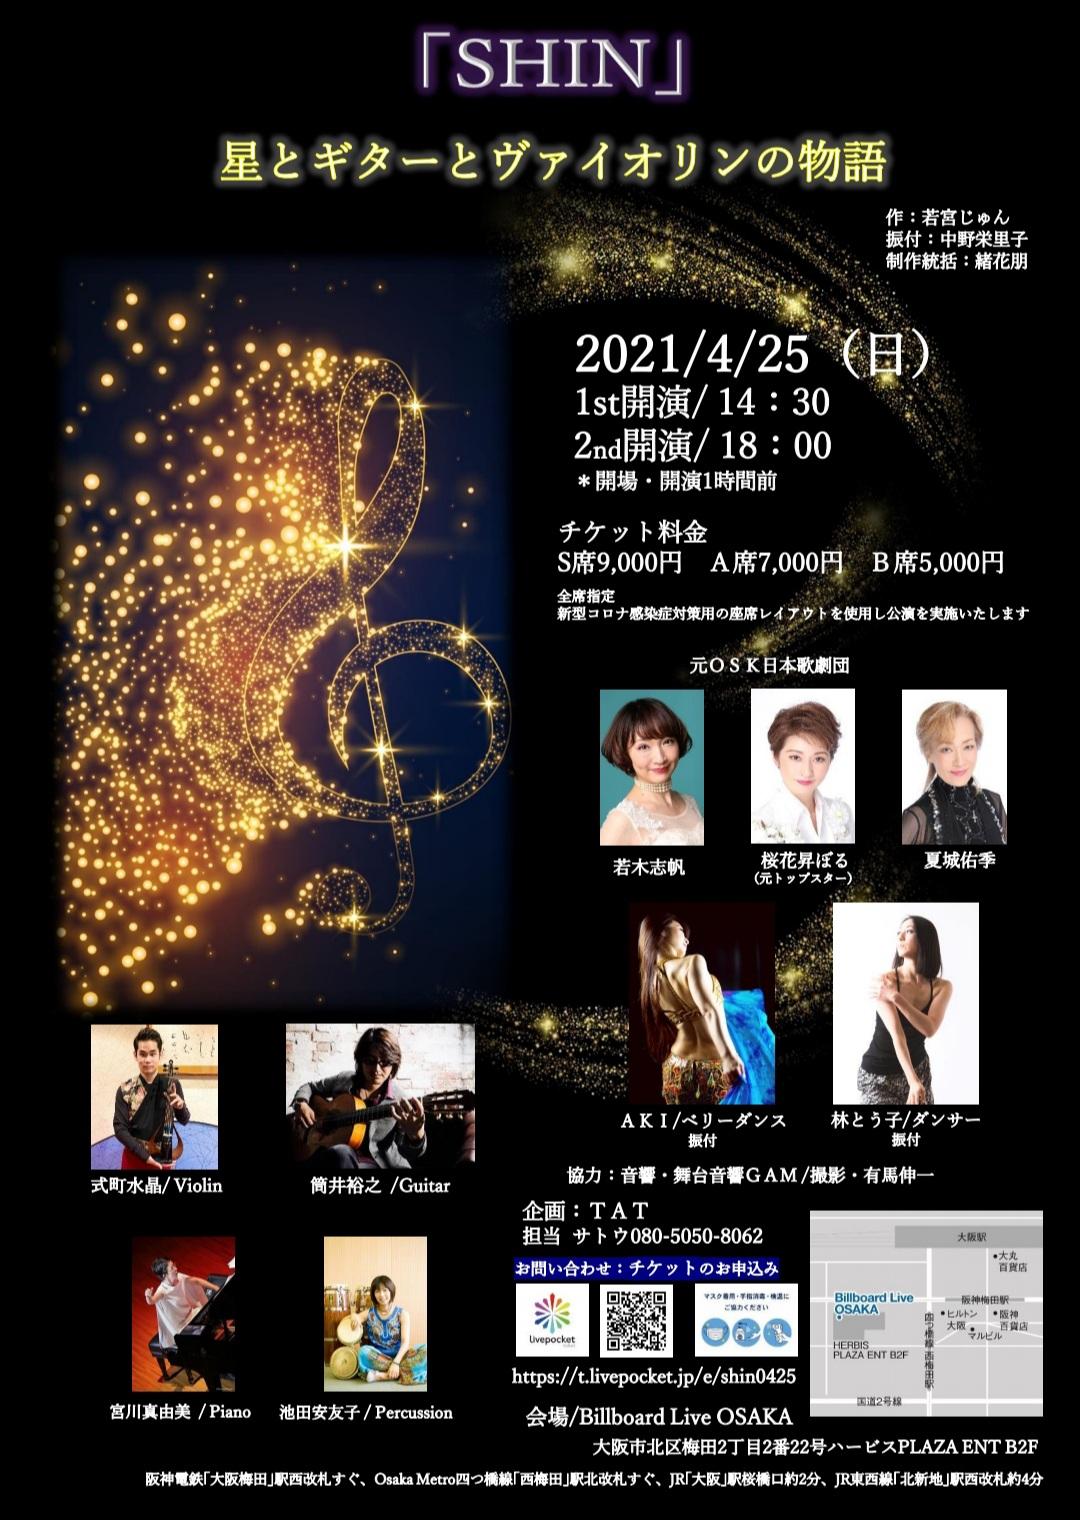 4/25「SHIN」星とギターとヴァイオリンの物語